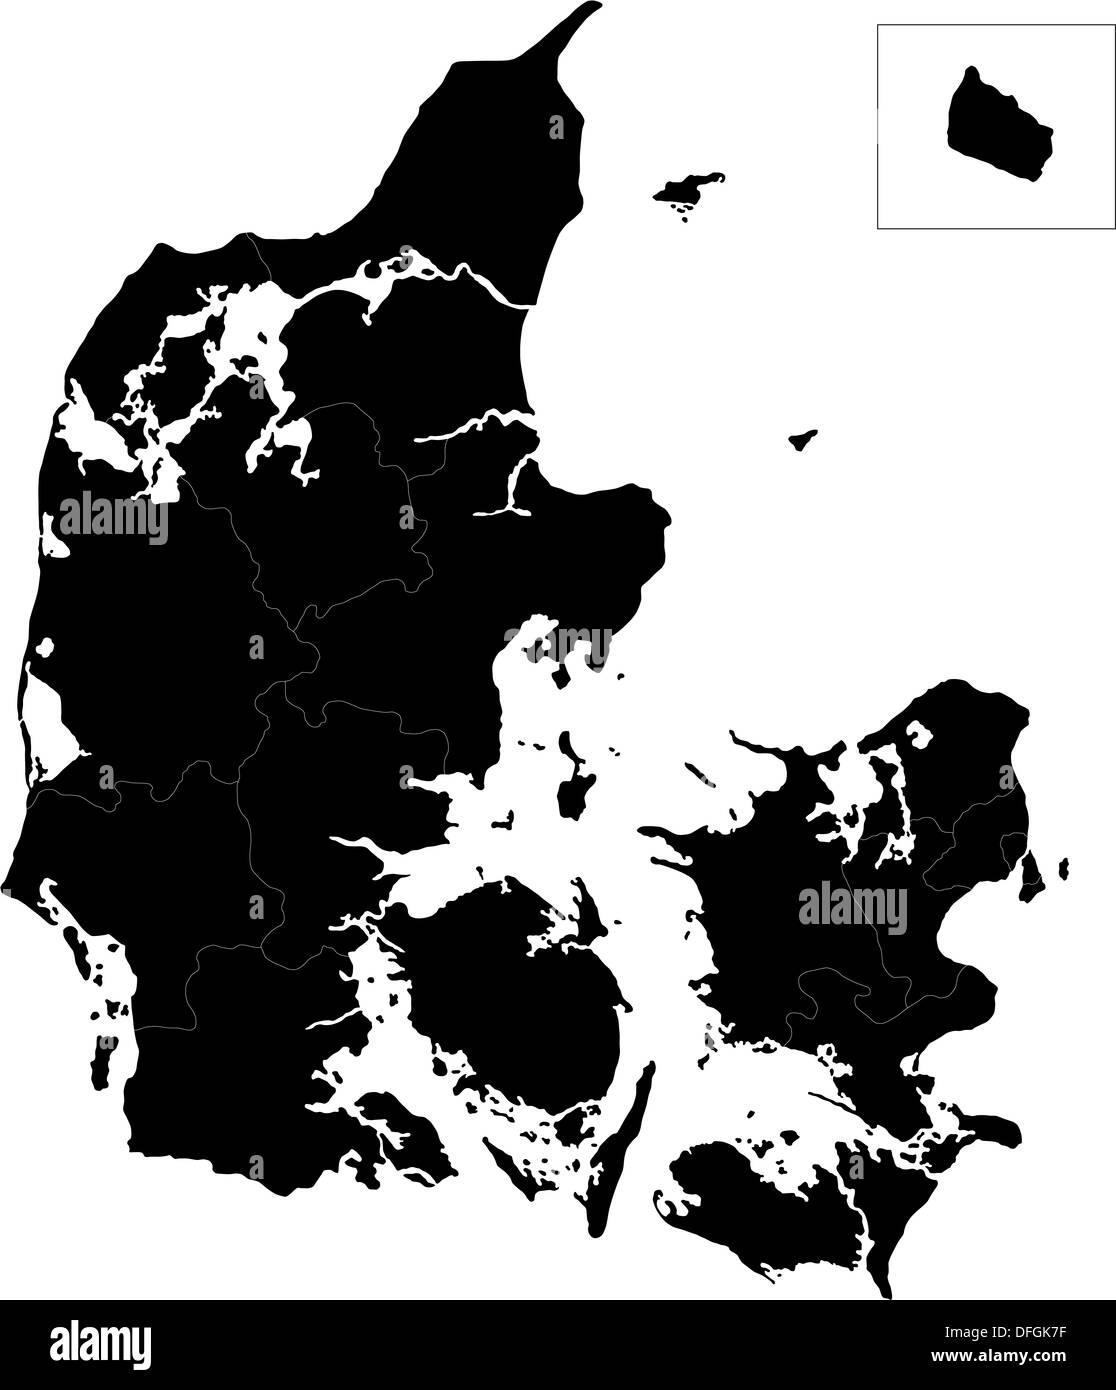 Black Denmark map - Stock Image